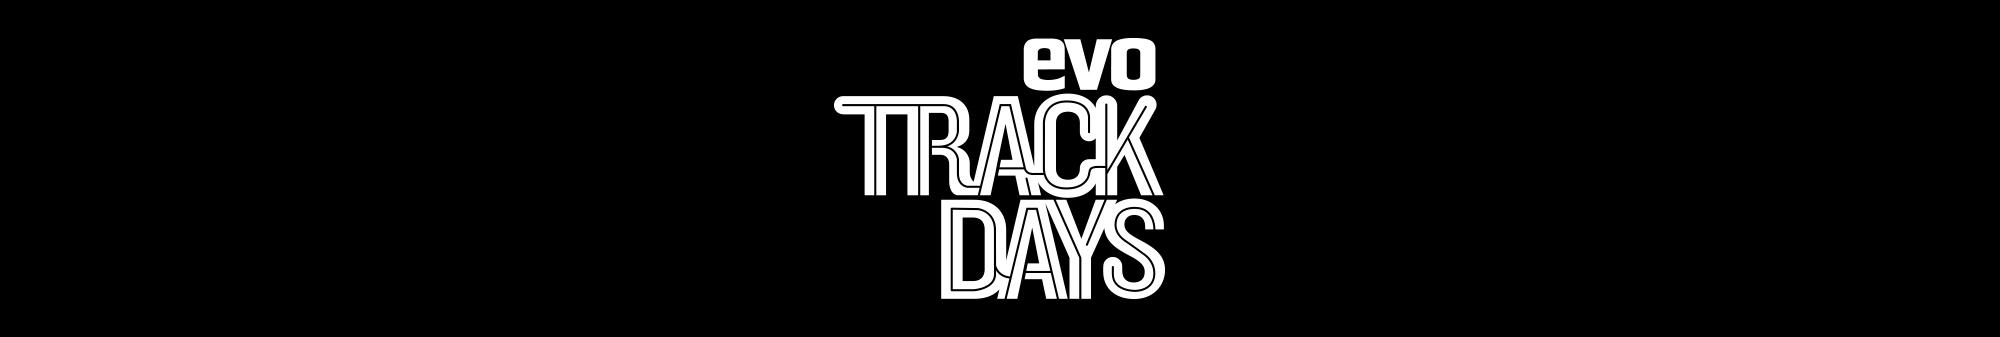 evo track days logo centre